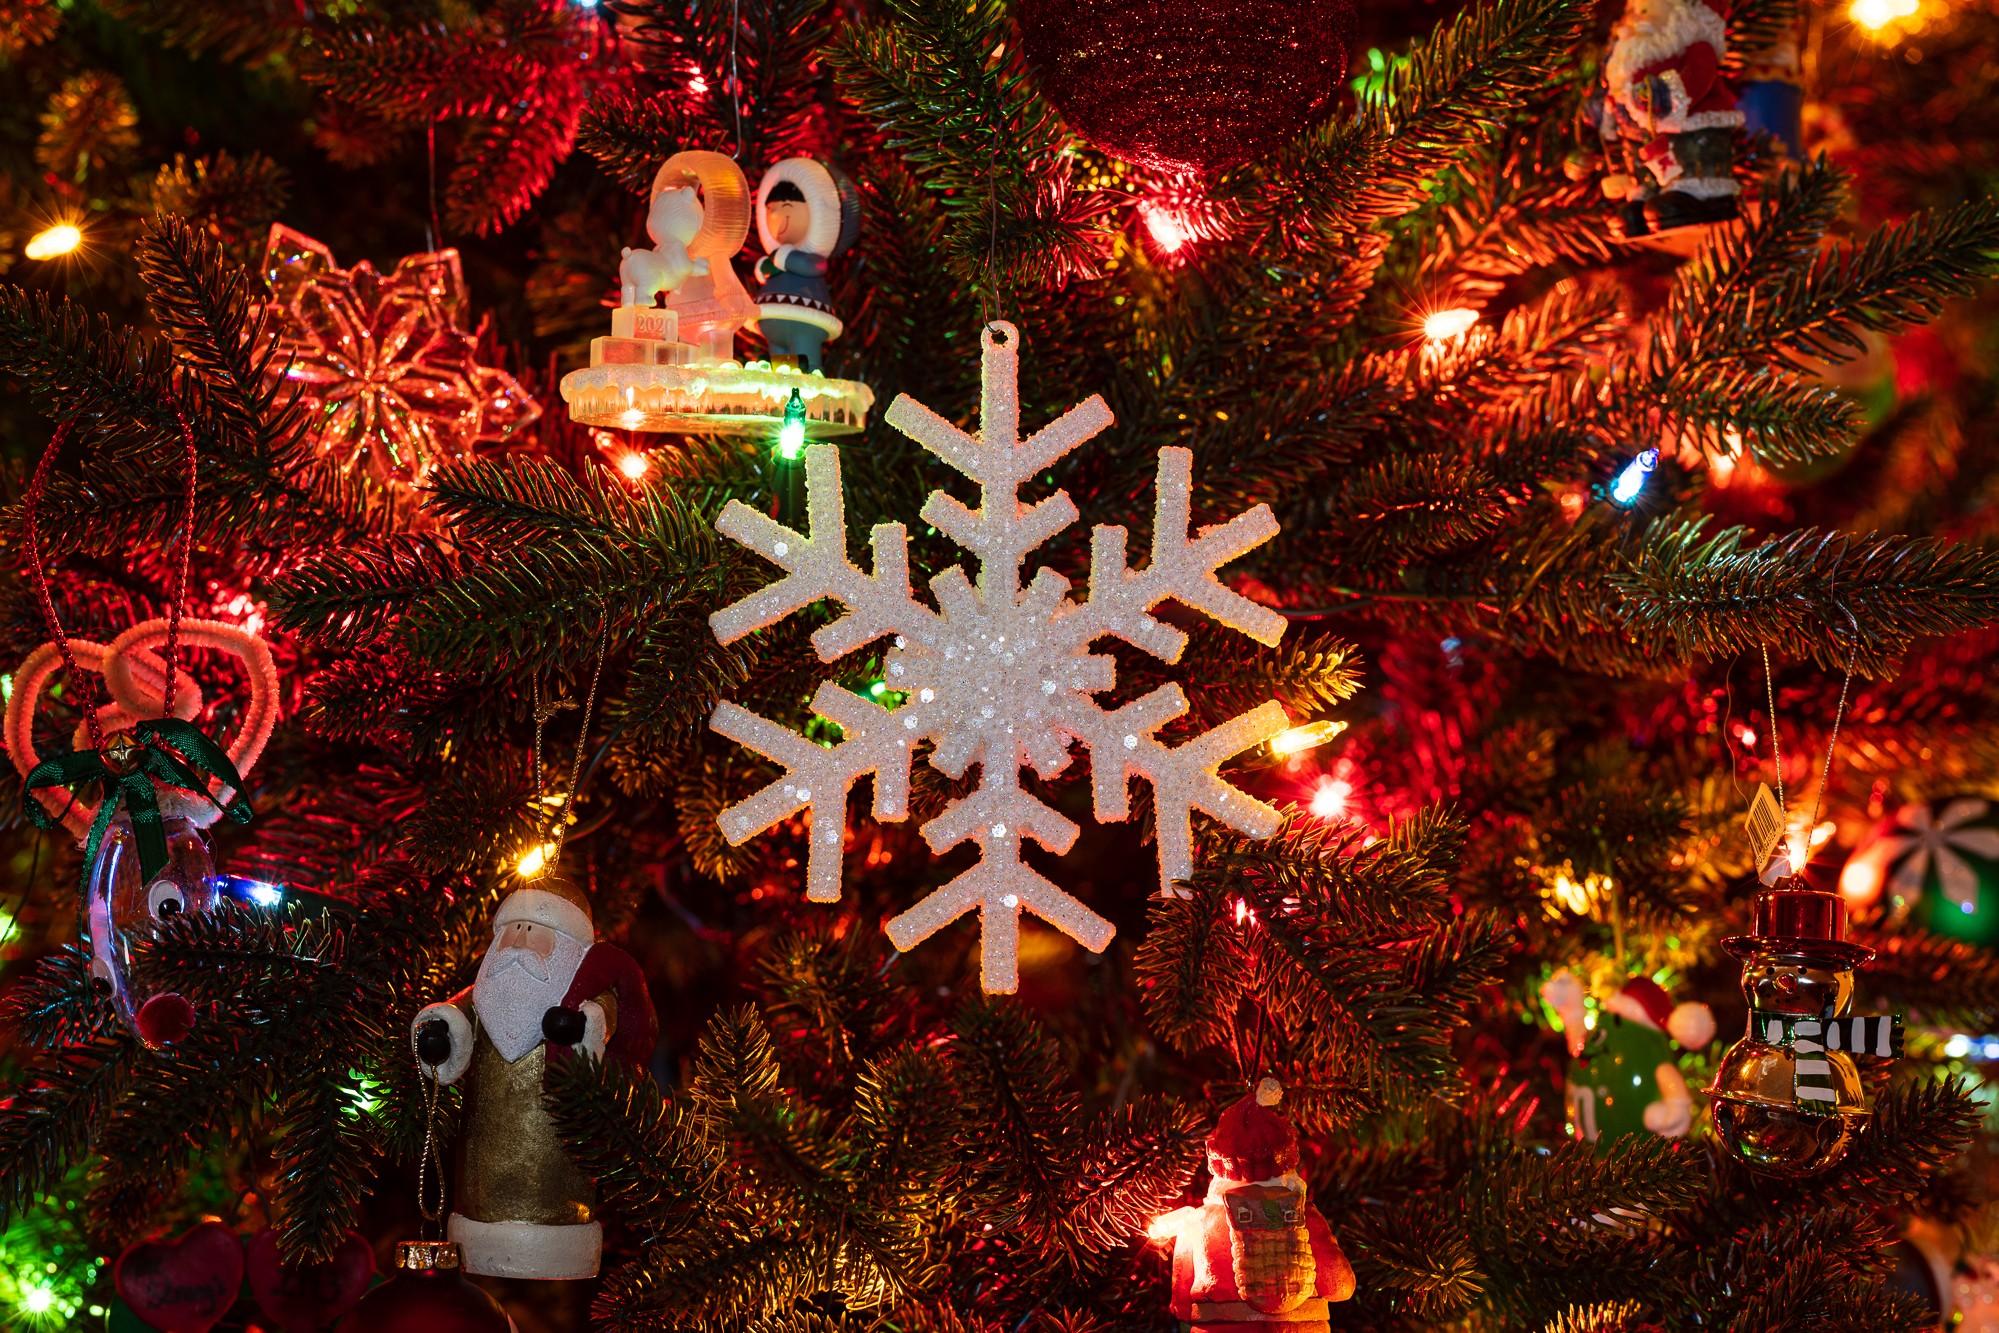 Christmas Tree Snowflake 2000x1333.jpg